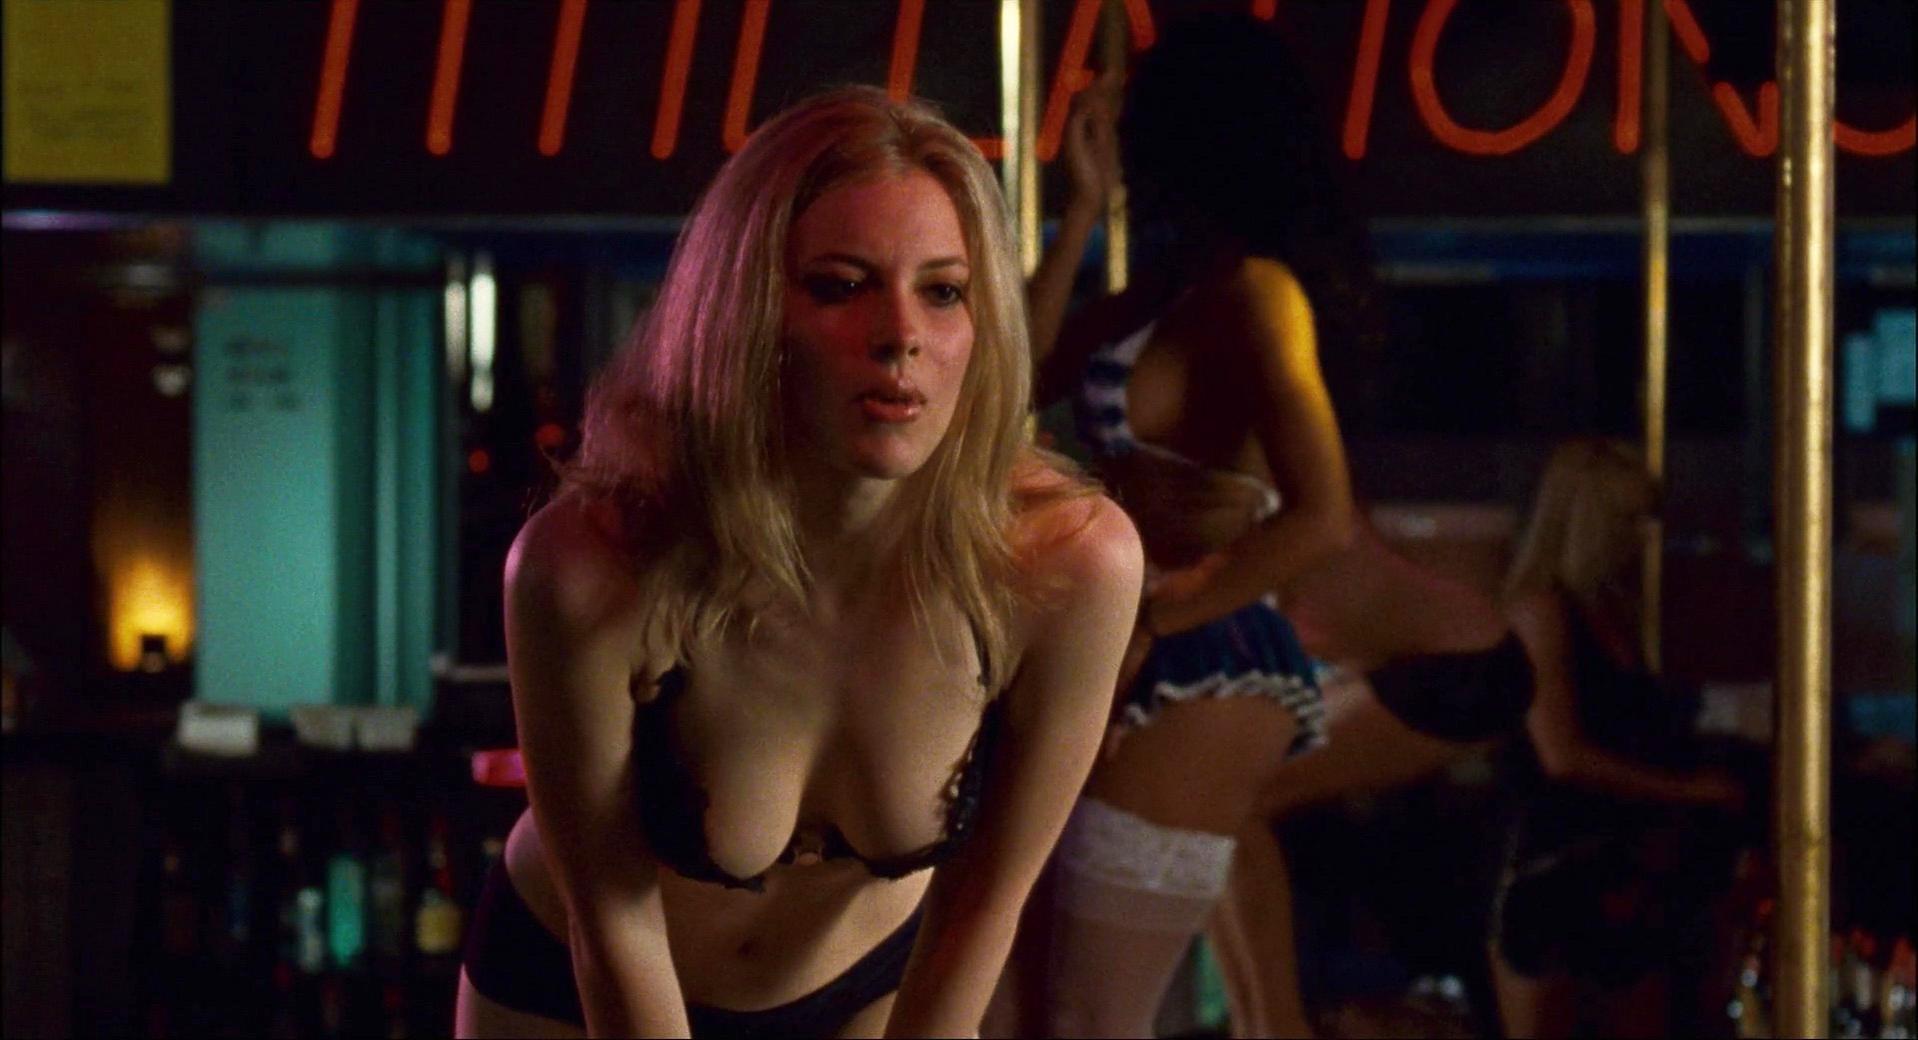 jacobs nude Gillian choke